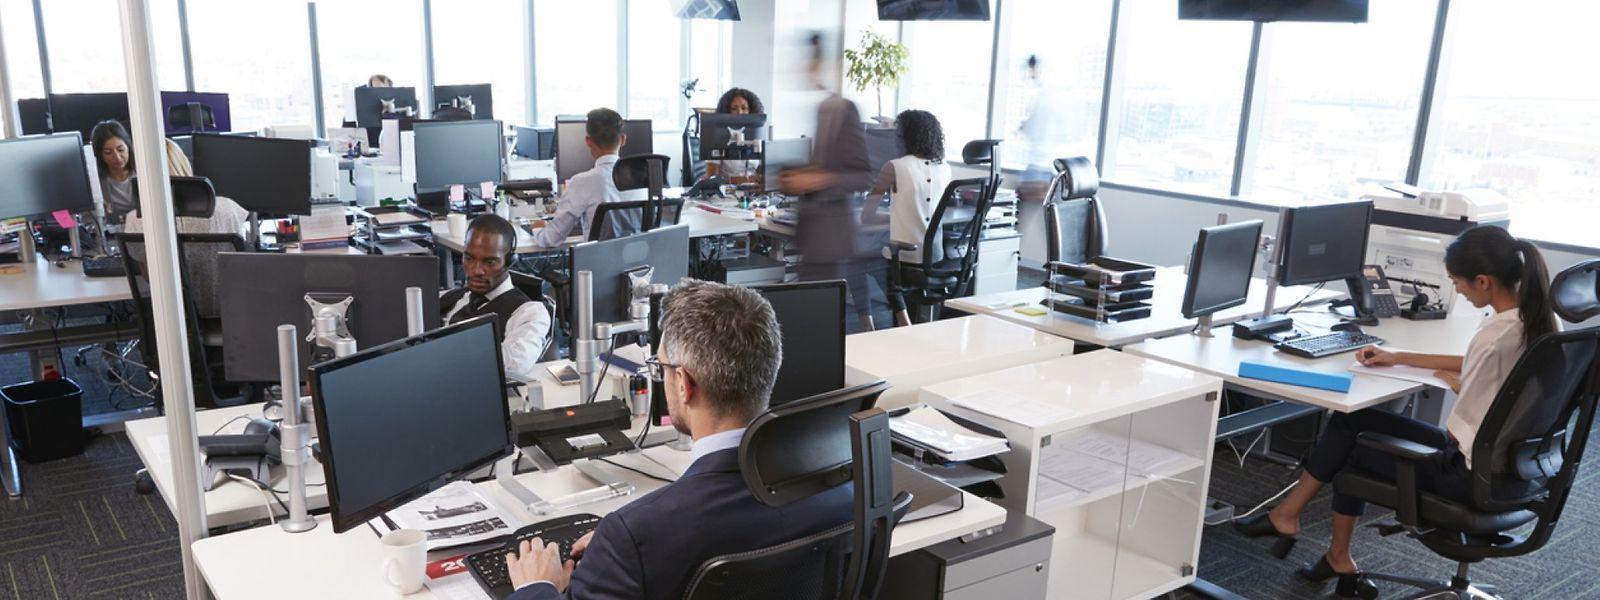 Les nouveaux espaces de travail pourraient davantage se présenter sous forme d'alcôves.